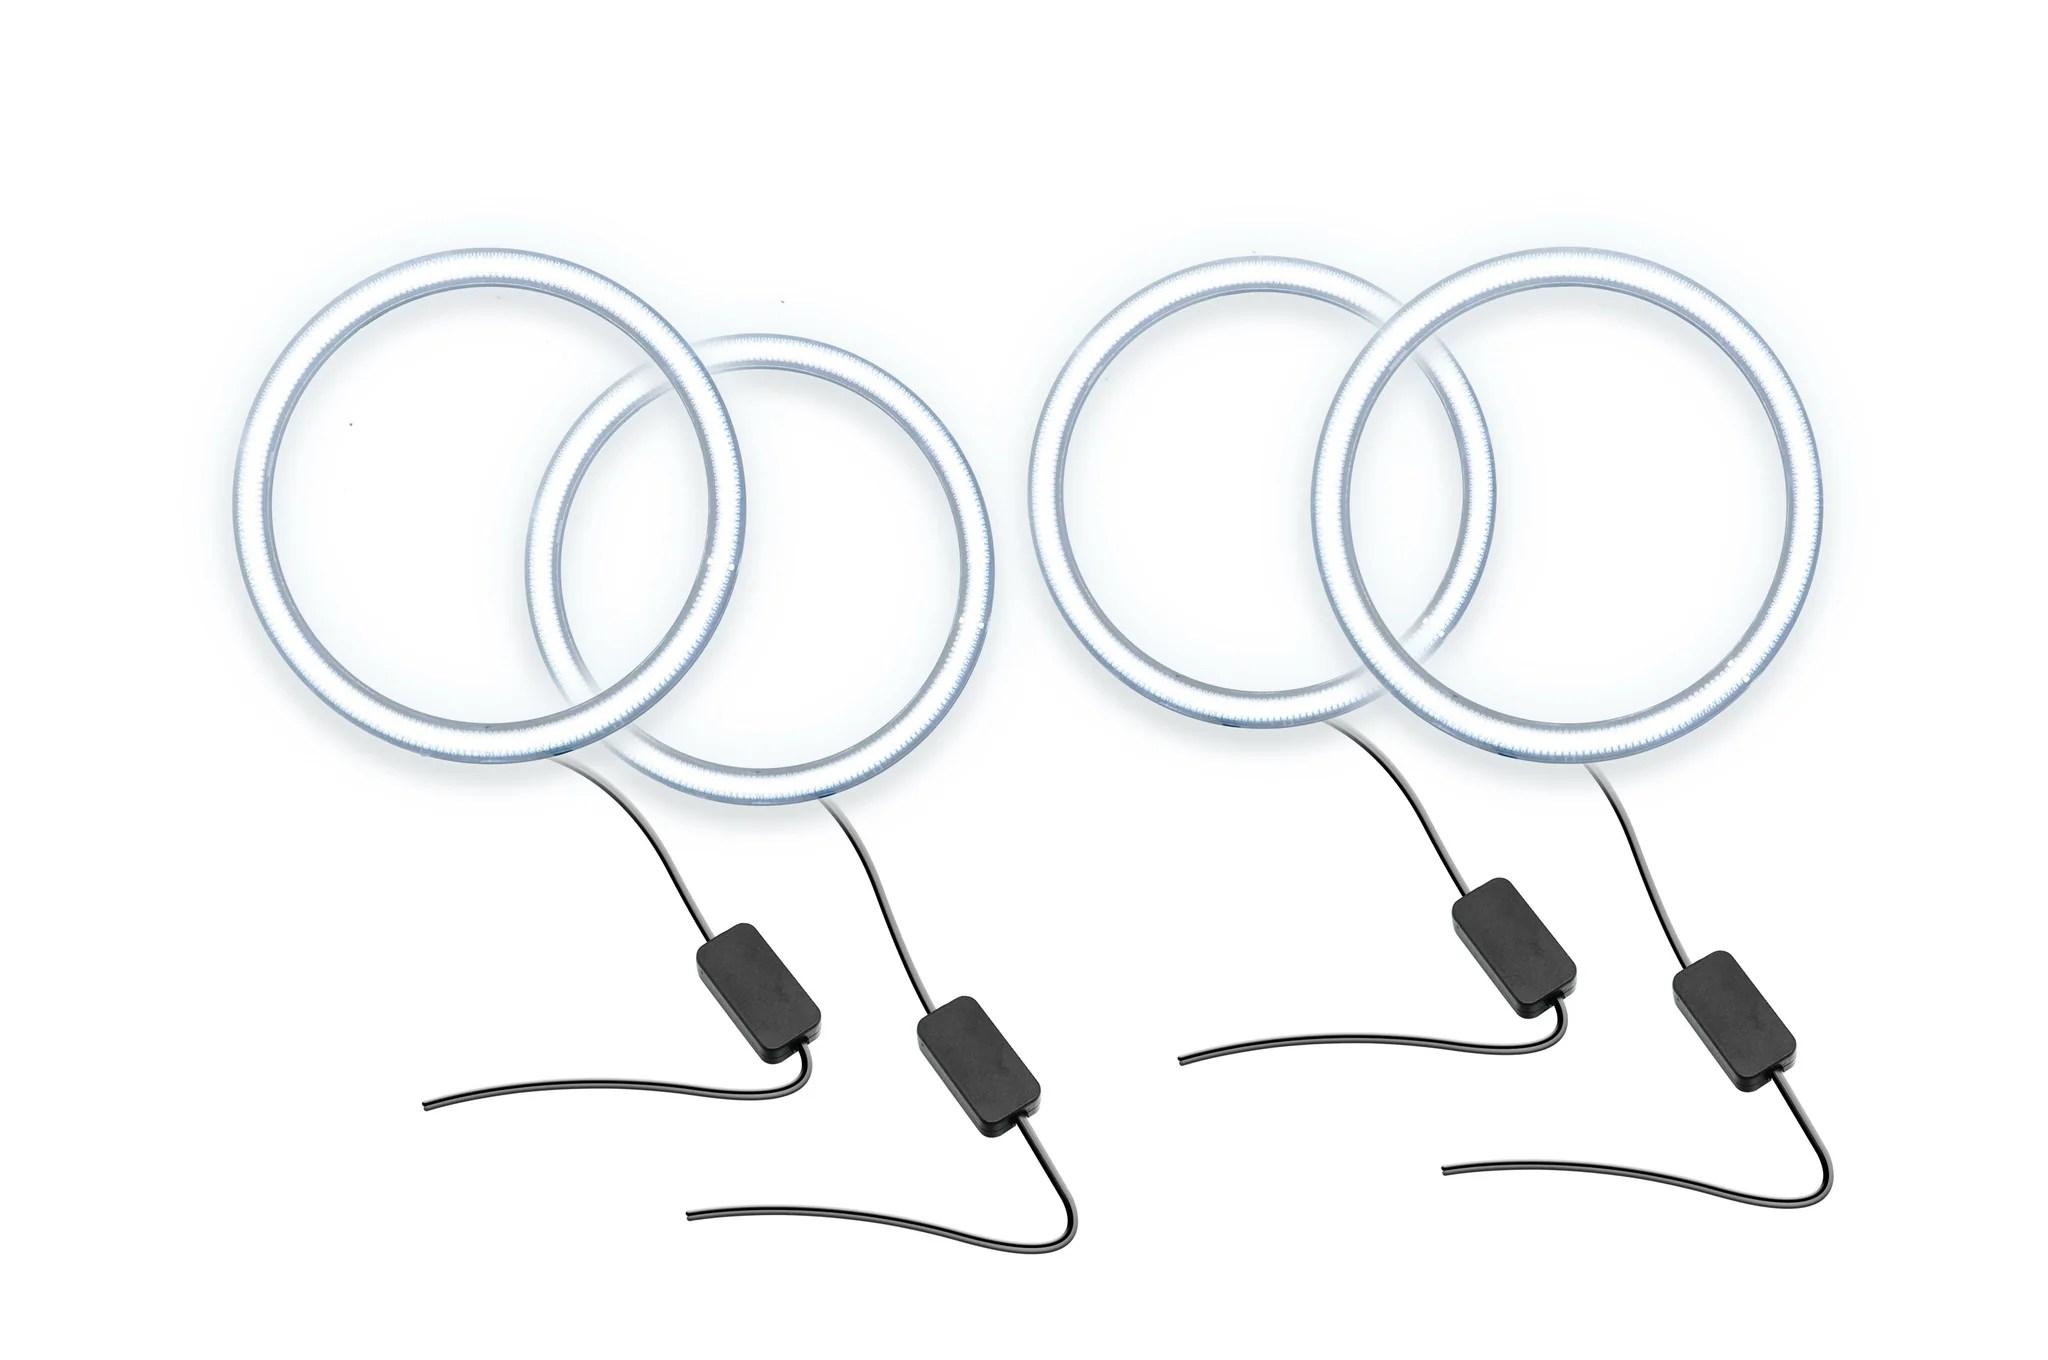 Oneighty led orb rings kit infiniti m35 m45 2003 10